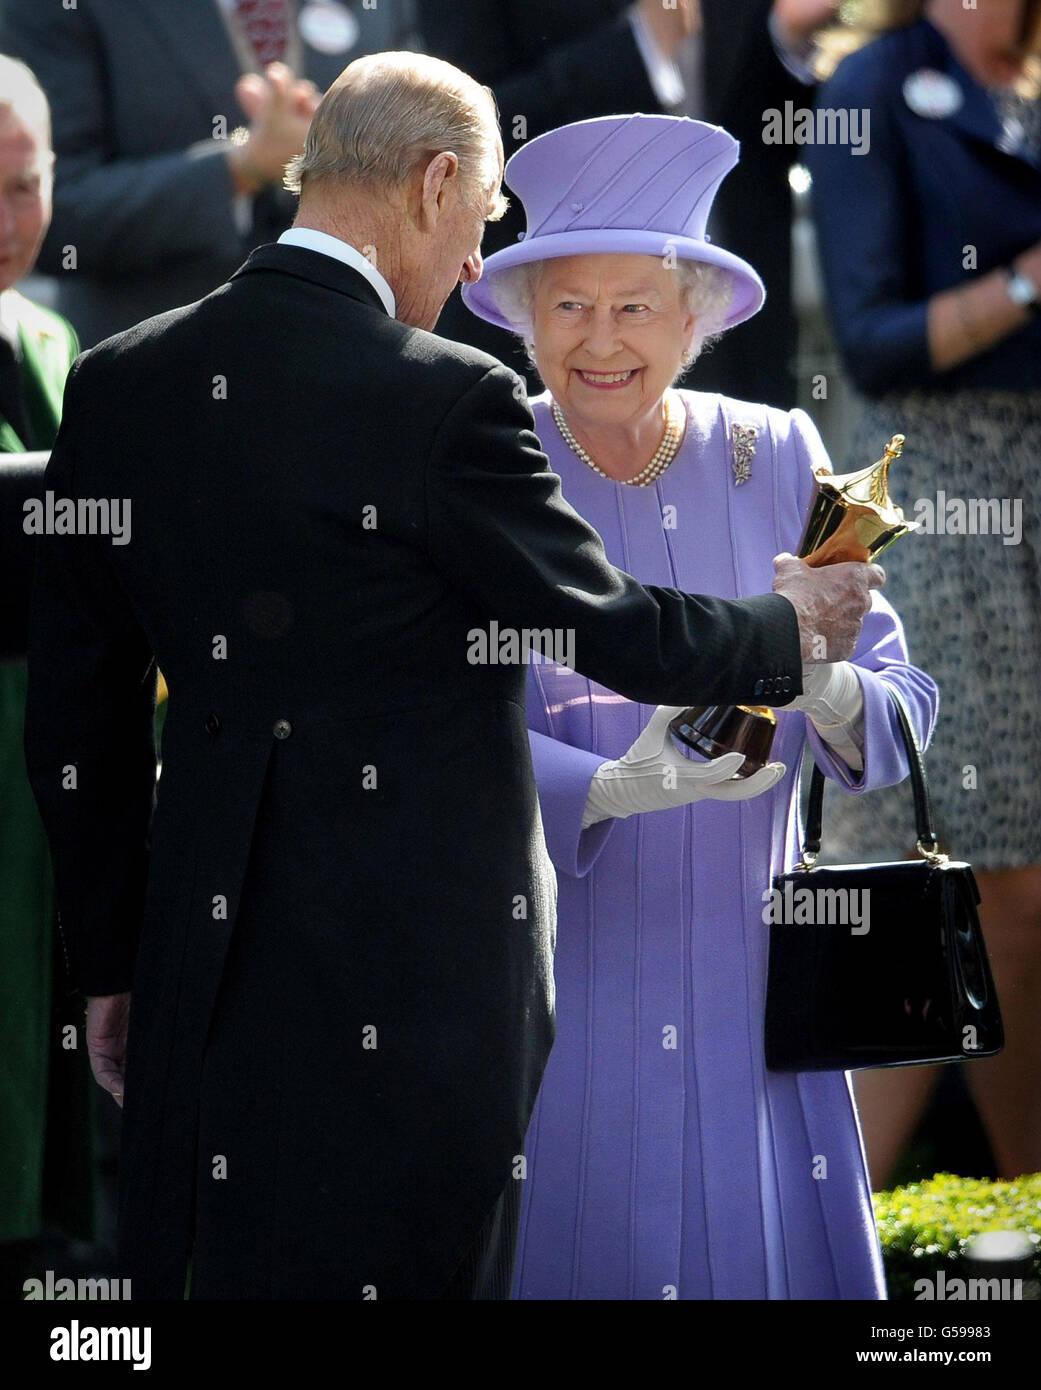 Königin Elizabeth II. Erhält die Trophäe vom Herzog von Edinburgh, nachdem ihr Pferd Estimate am vierten Tag des Royal Ascot Meetings 2012 auf der Ascot Racecourse, Berkshire, die Vase der Königin gewonnen hat. Stockfoto